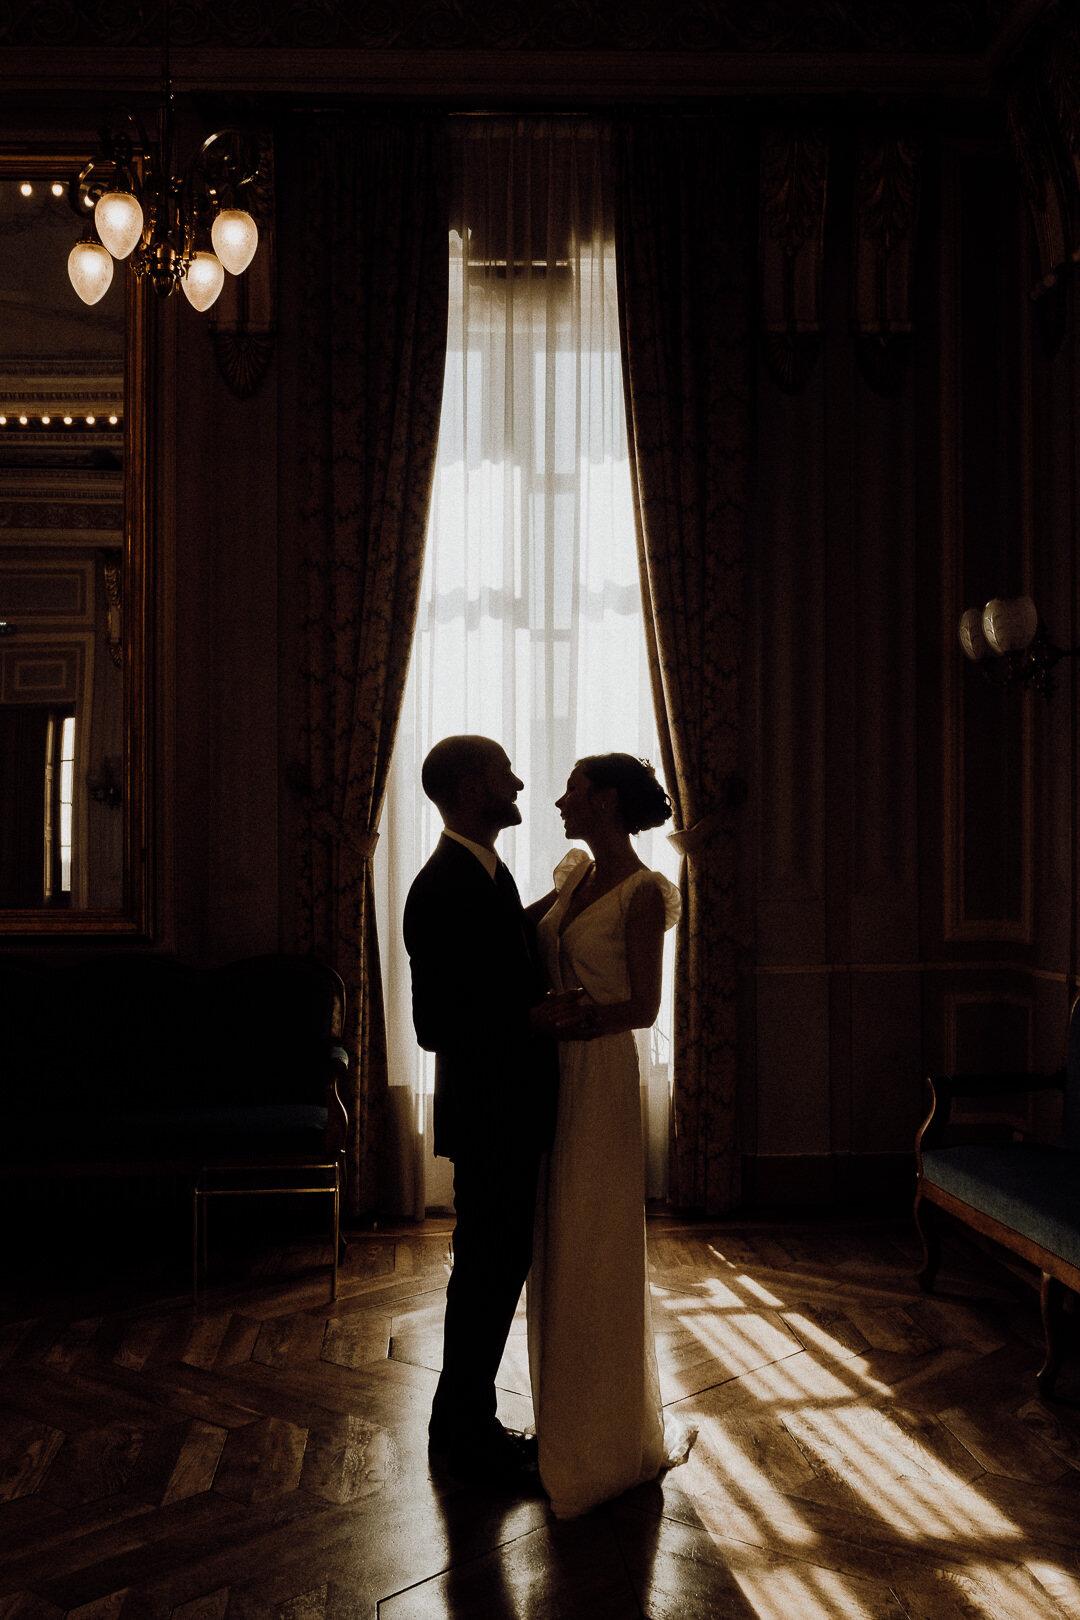 Sophie et Laurent-chateau de duingt-atelier jeanne pons- kewin-connin-jackson-663.jpg